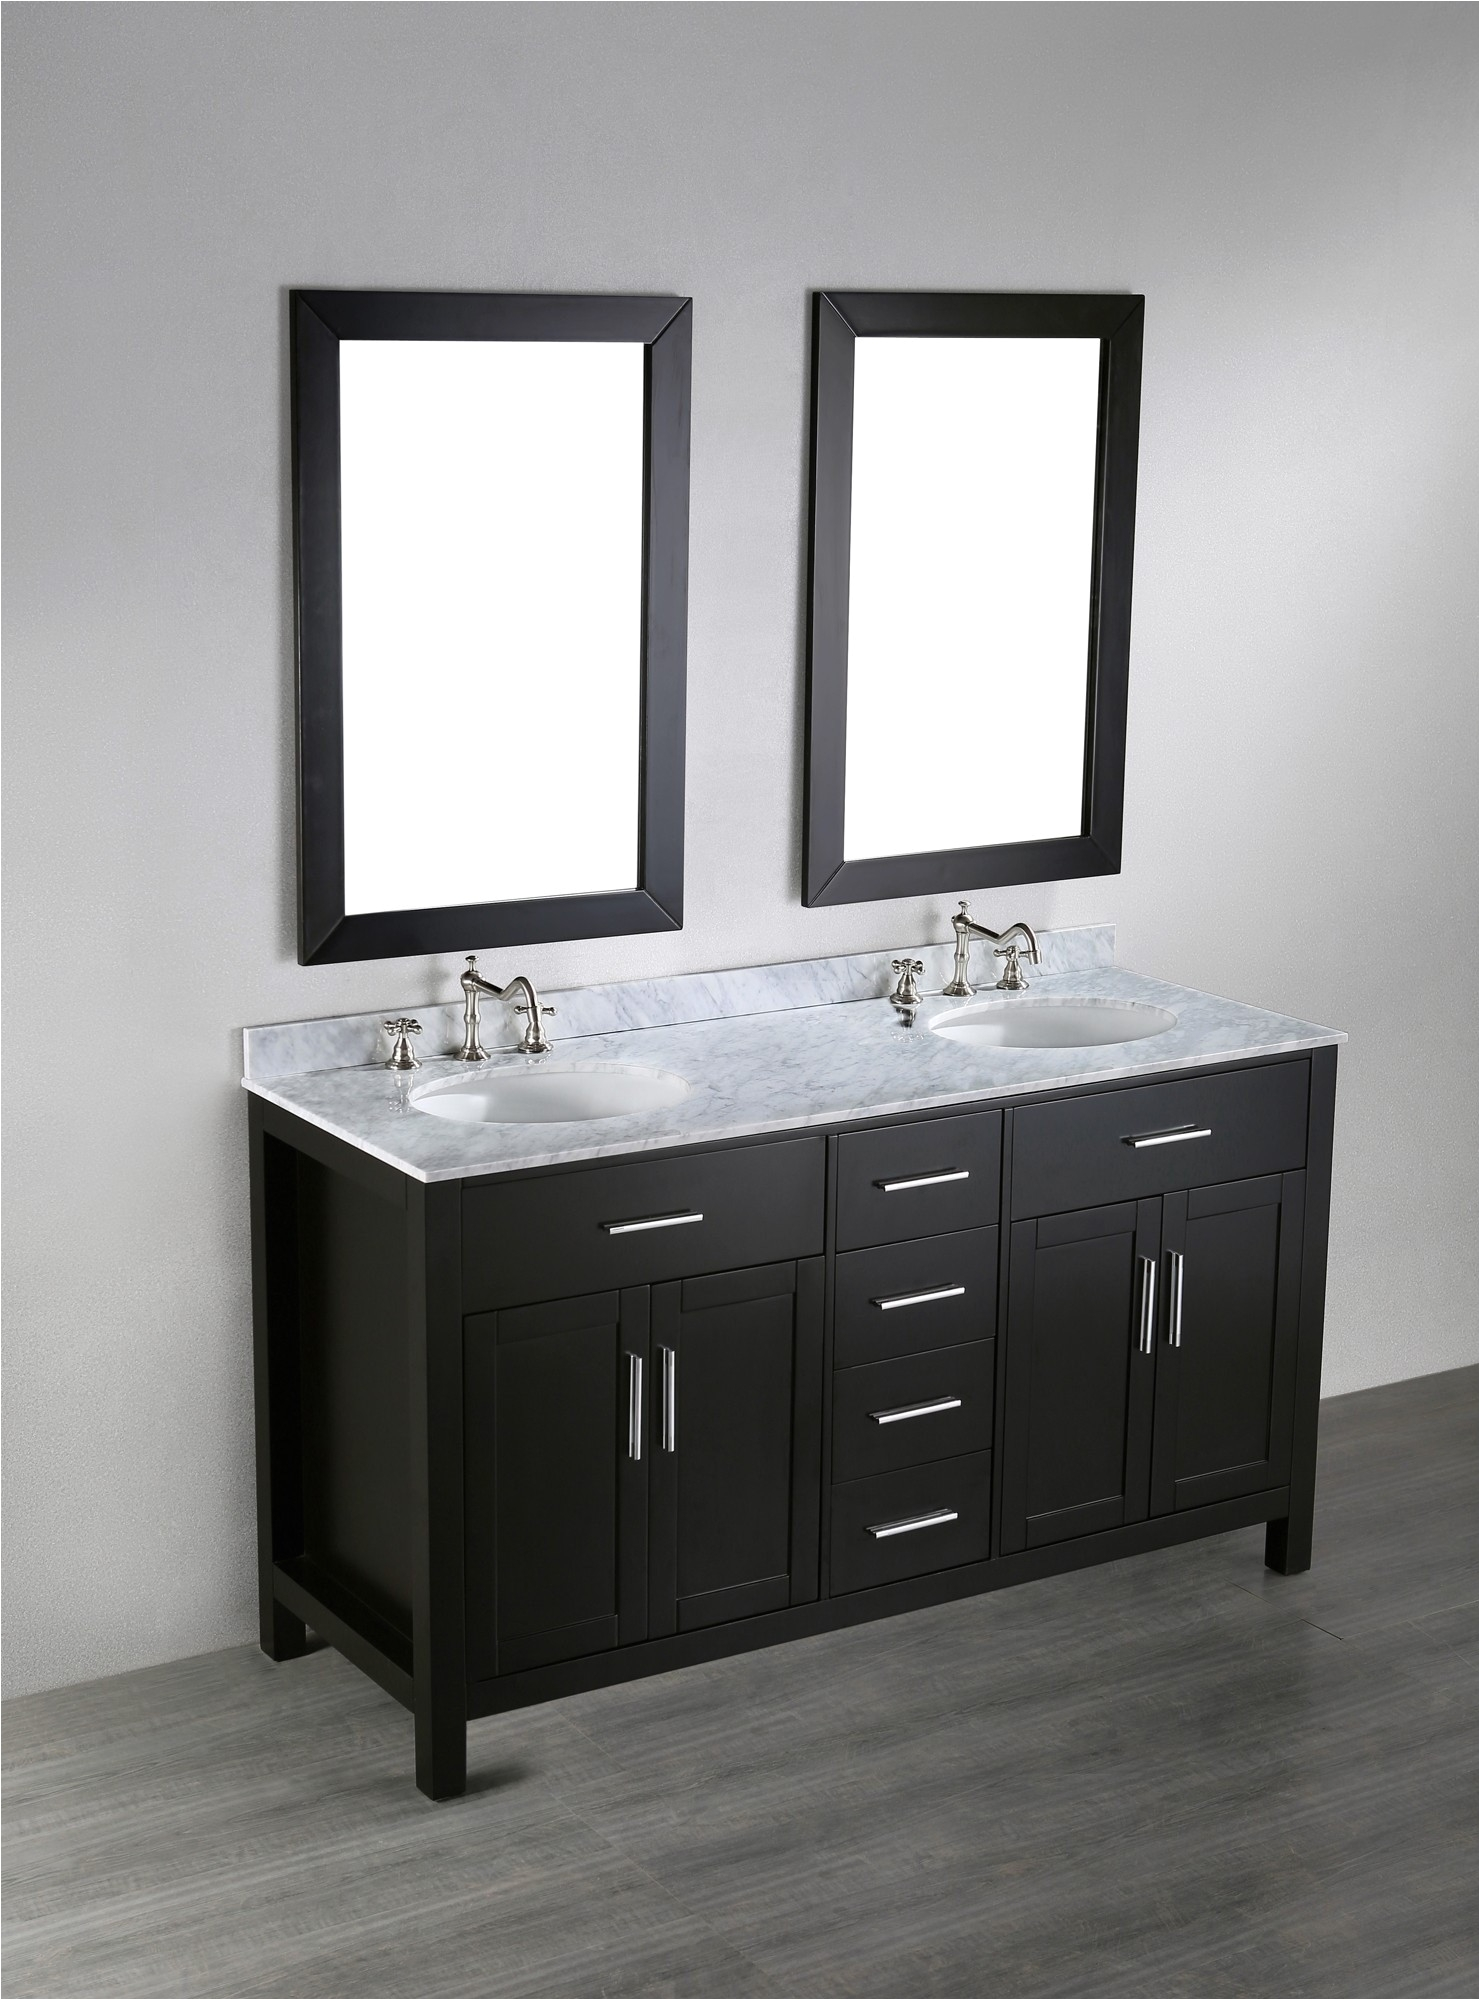 54 inch bathtub beautiful 55 inch double sink bathroom vanity new 14 fresh 54 inch bathroom